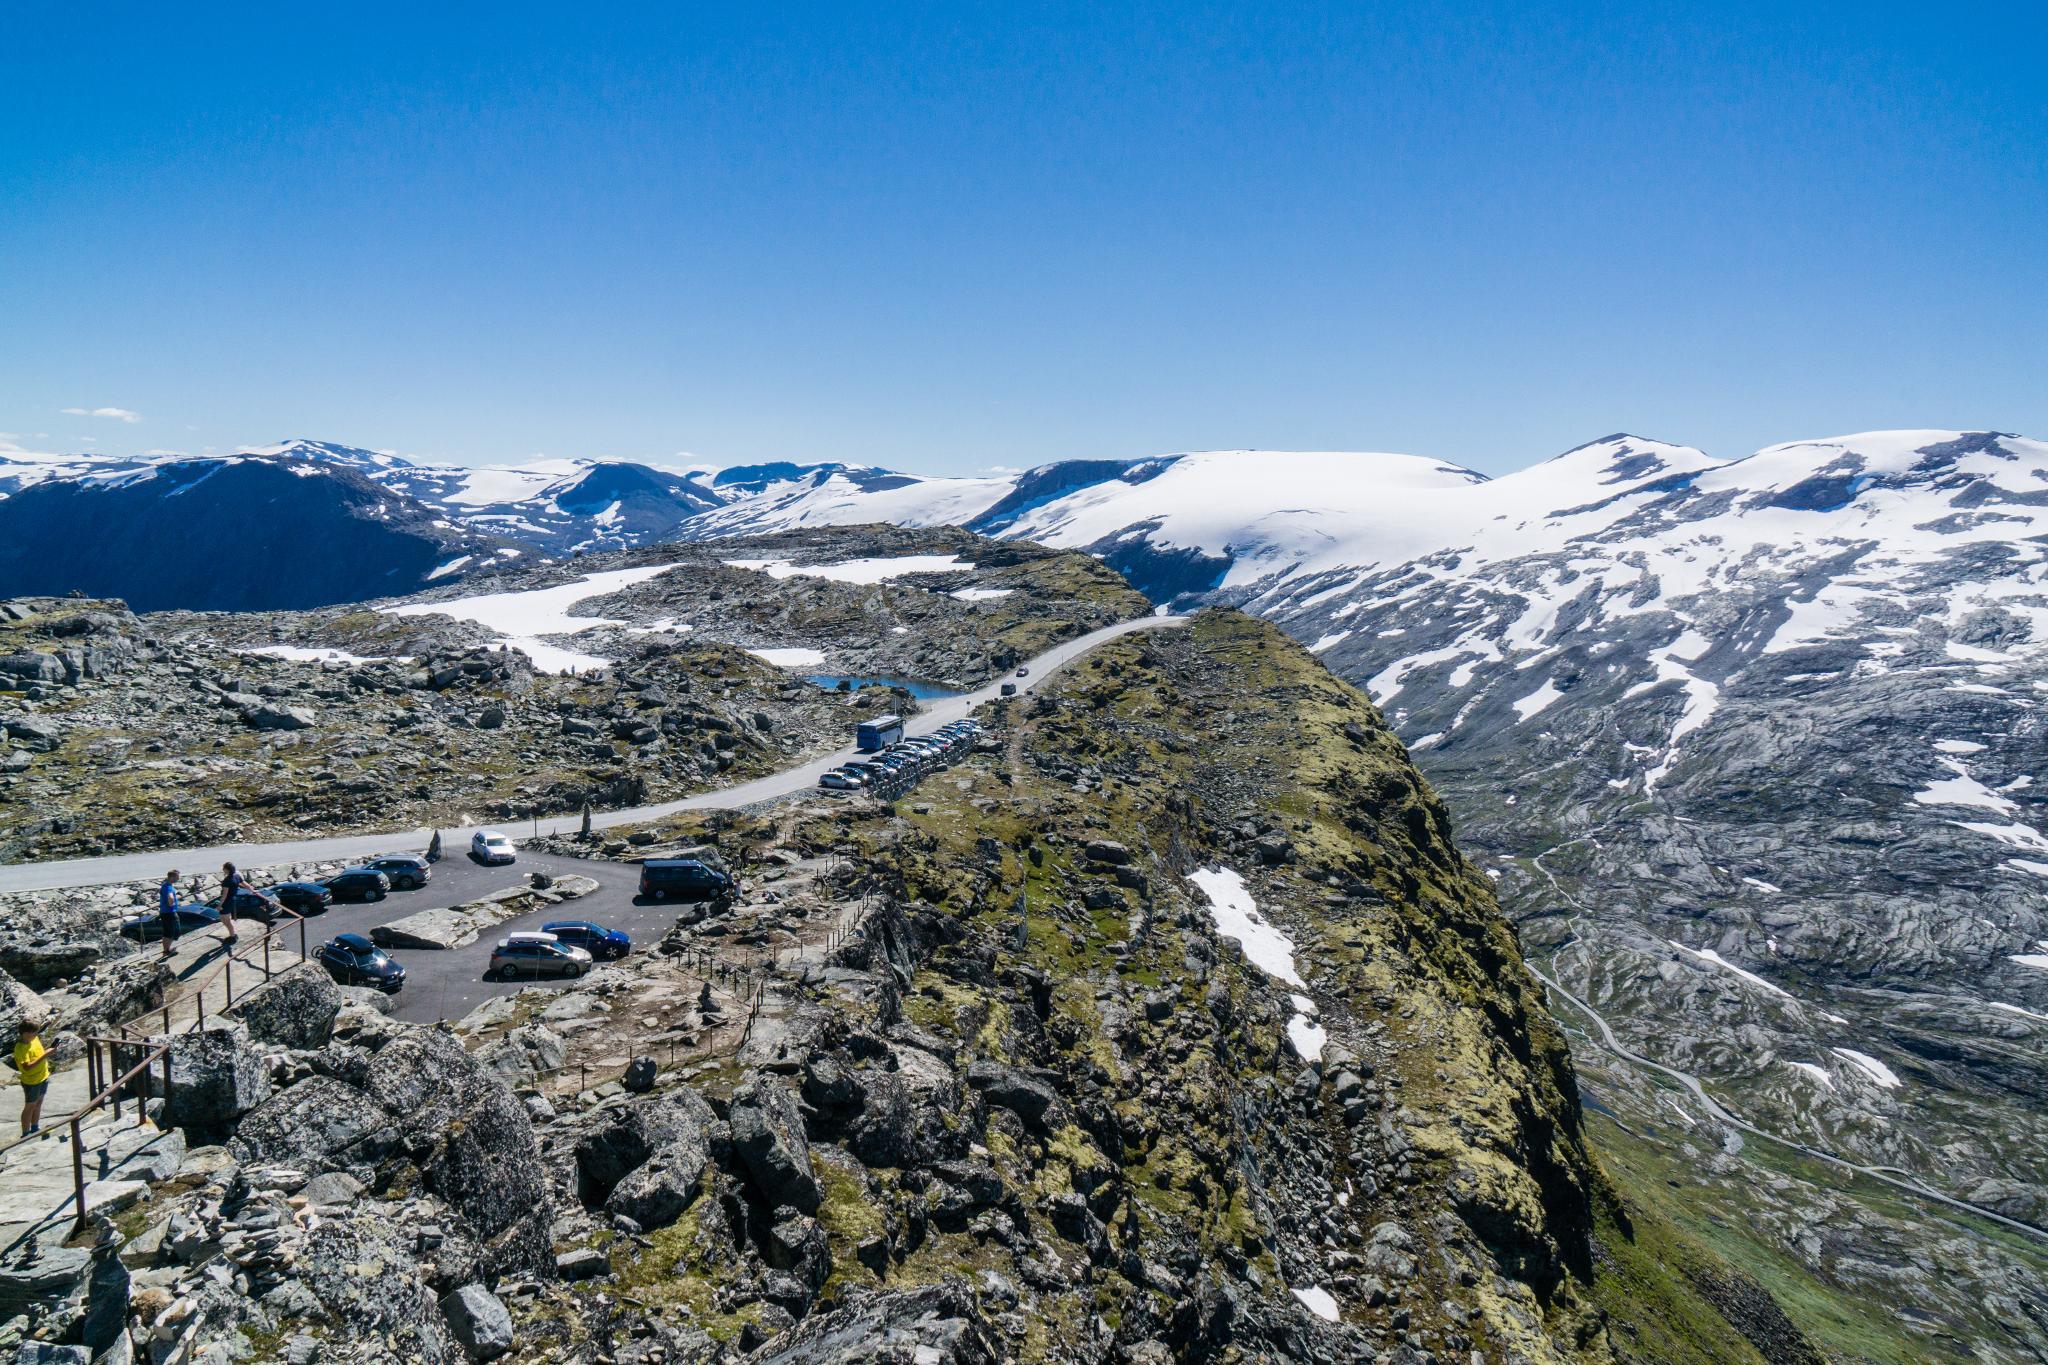 【北歐景點】歐洲最震撼的峽灣觀景台 — Dalsnibba Mountain Plateau 17